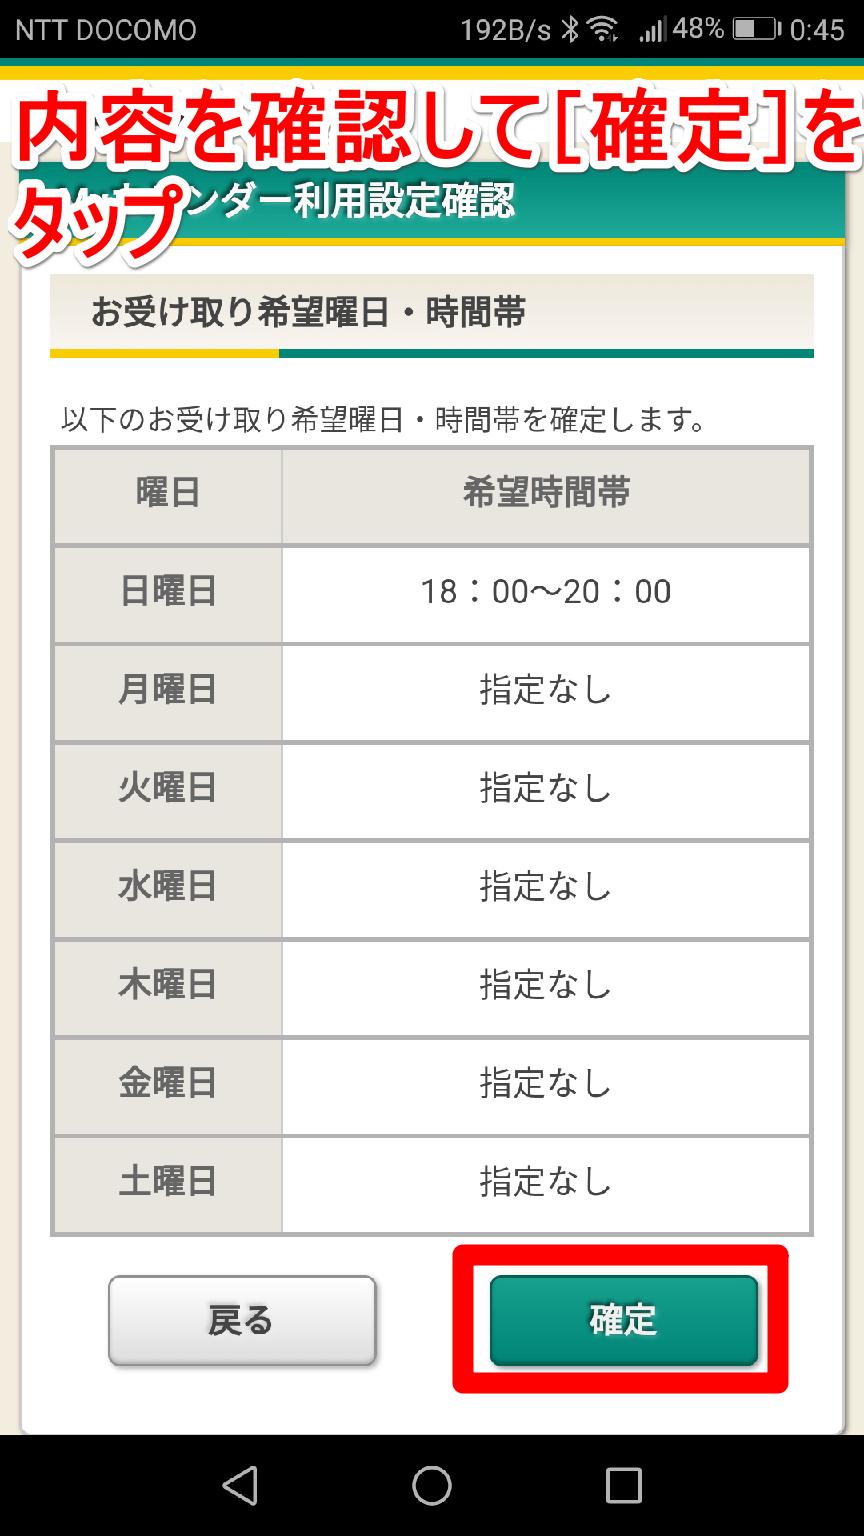 クロネコメンバーズの[Myカレンダー利用設定確認]画面